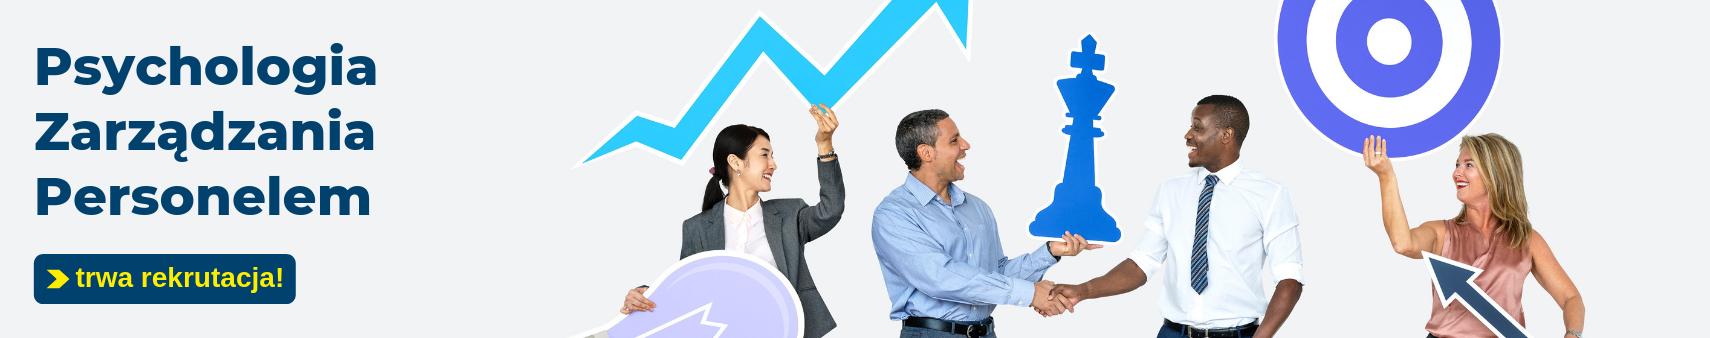 Psychologia zarządzania personelem – trwa rekrutacja!